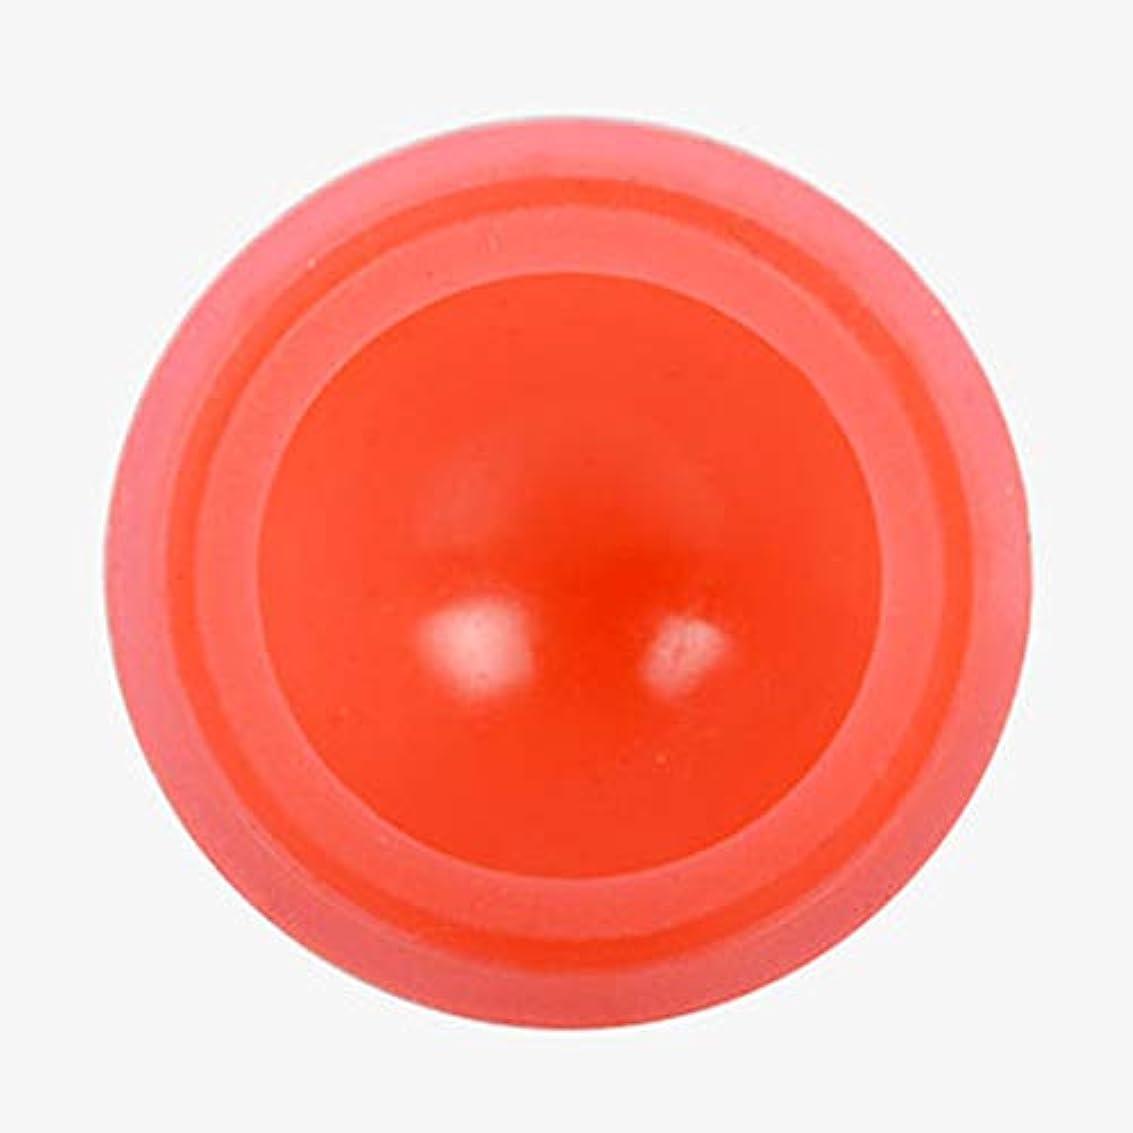 セーブシンポジウムトレイルマッサージカッピング カッピング シリコンカッピング 吸い玉 真空セラピー 脂肪吸引 康祝 関節と筋肉痛救済 セルライト治療,オレンジ色